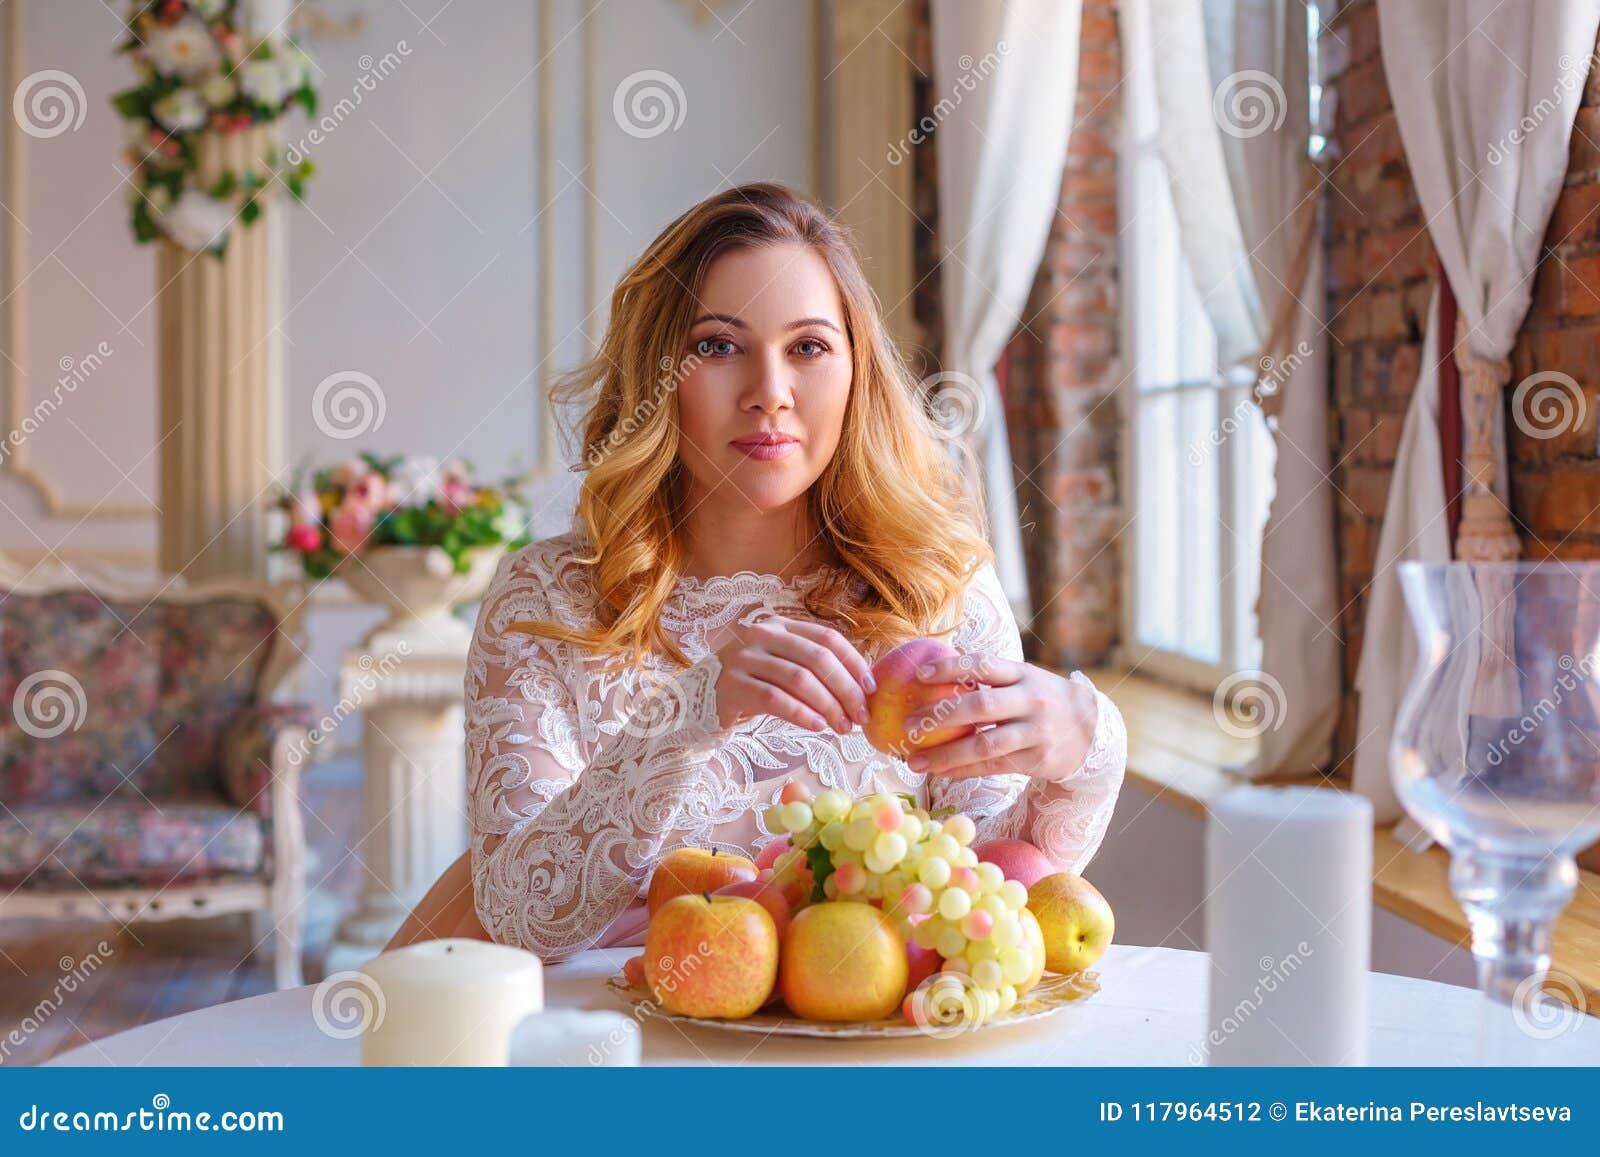 Беременная женщина сидя на таблице в красивом платье, концепции материнства